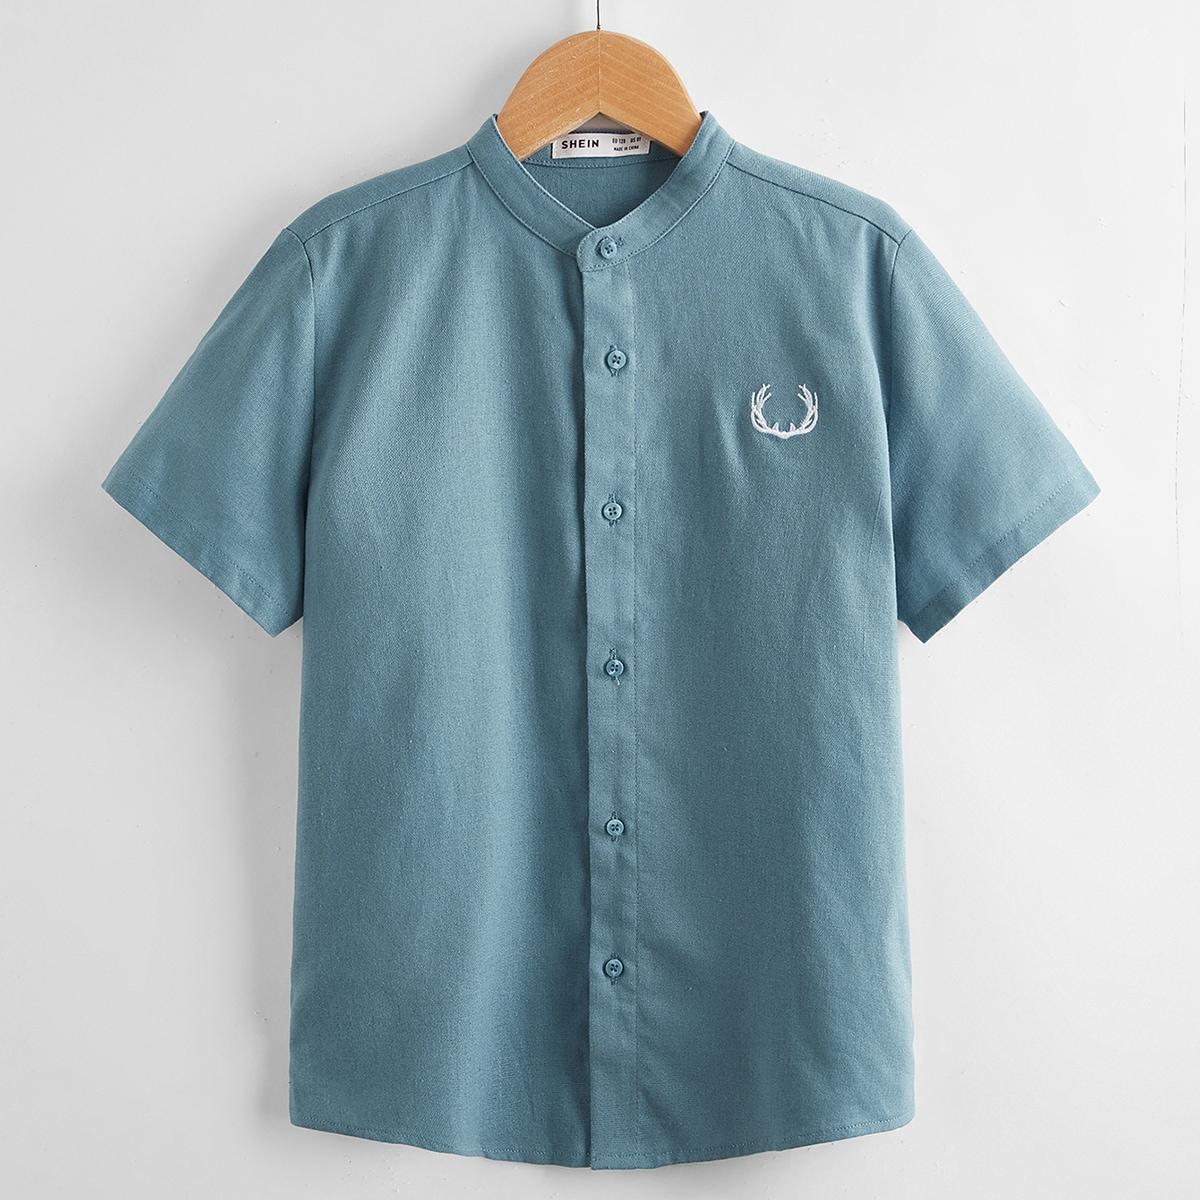 с вышивкой Пуговица графический принт Повседневный Рубашки для мальчиков